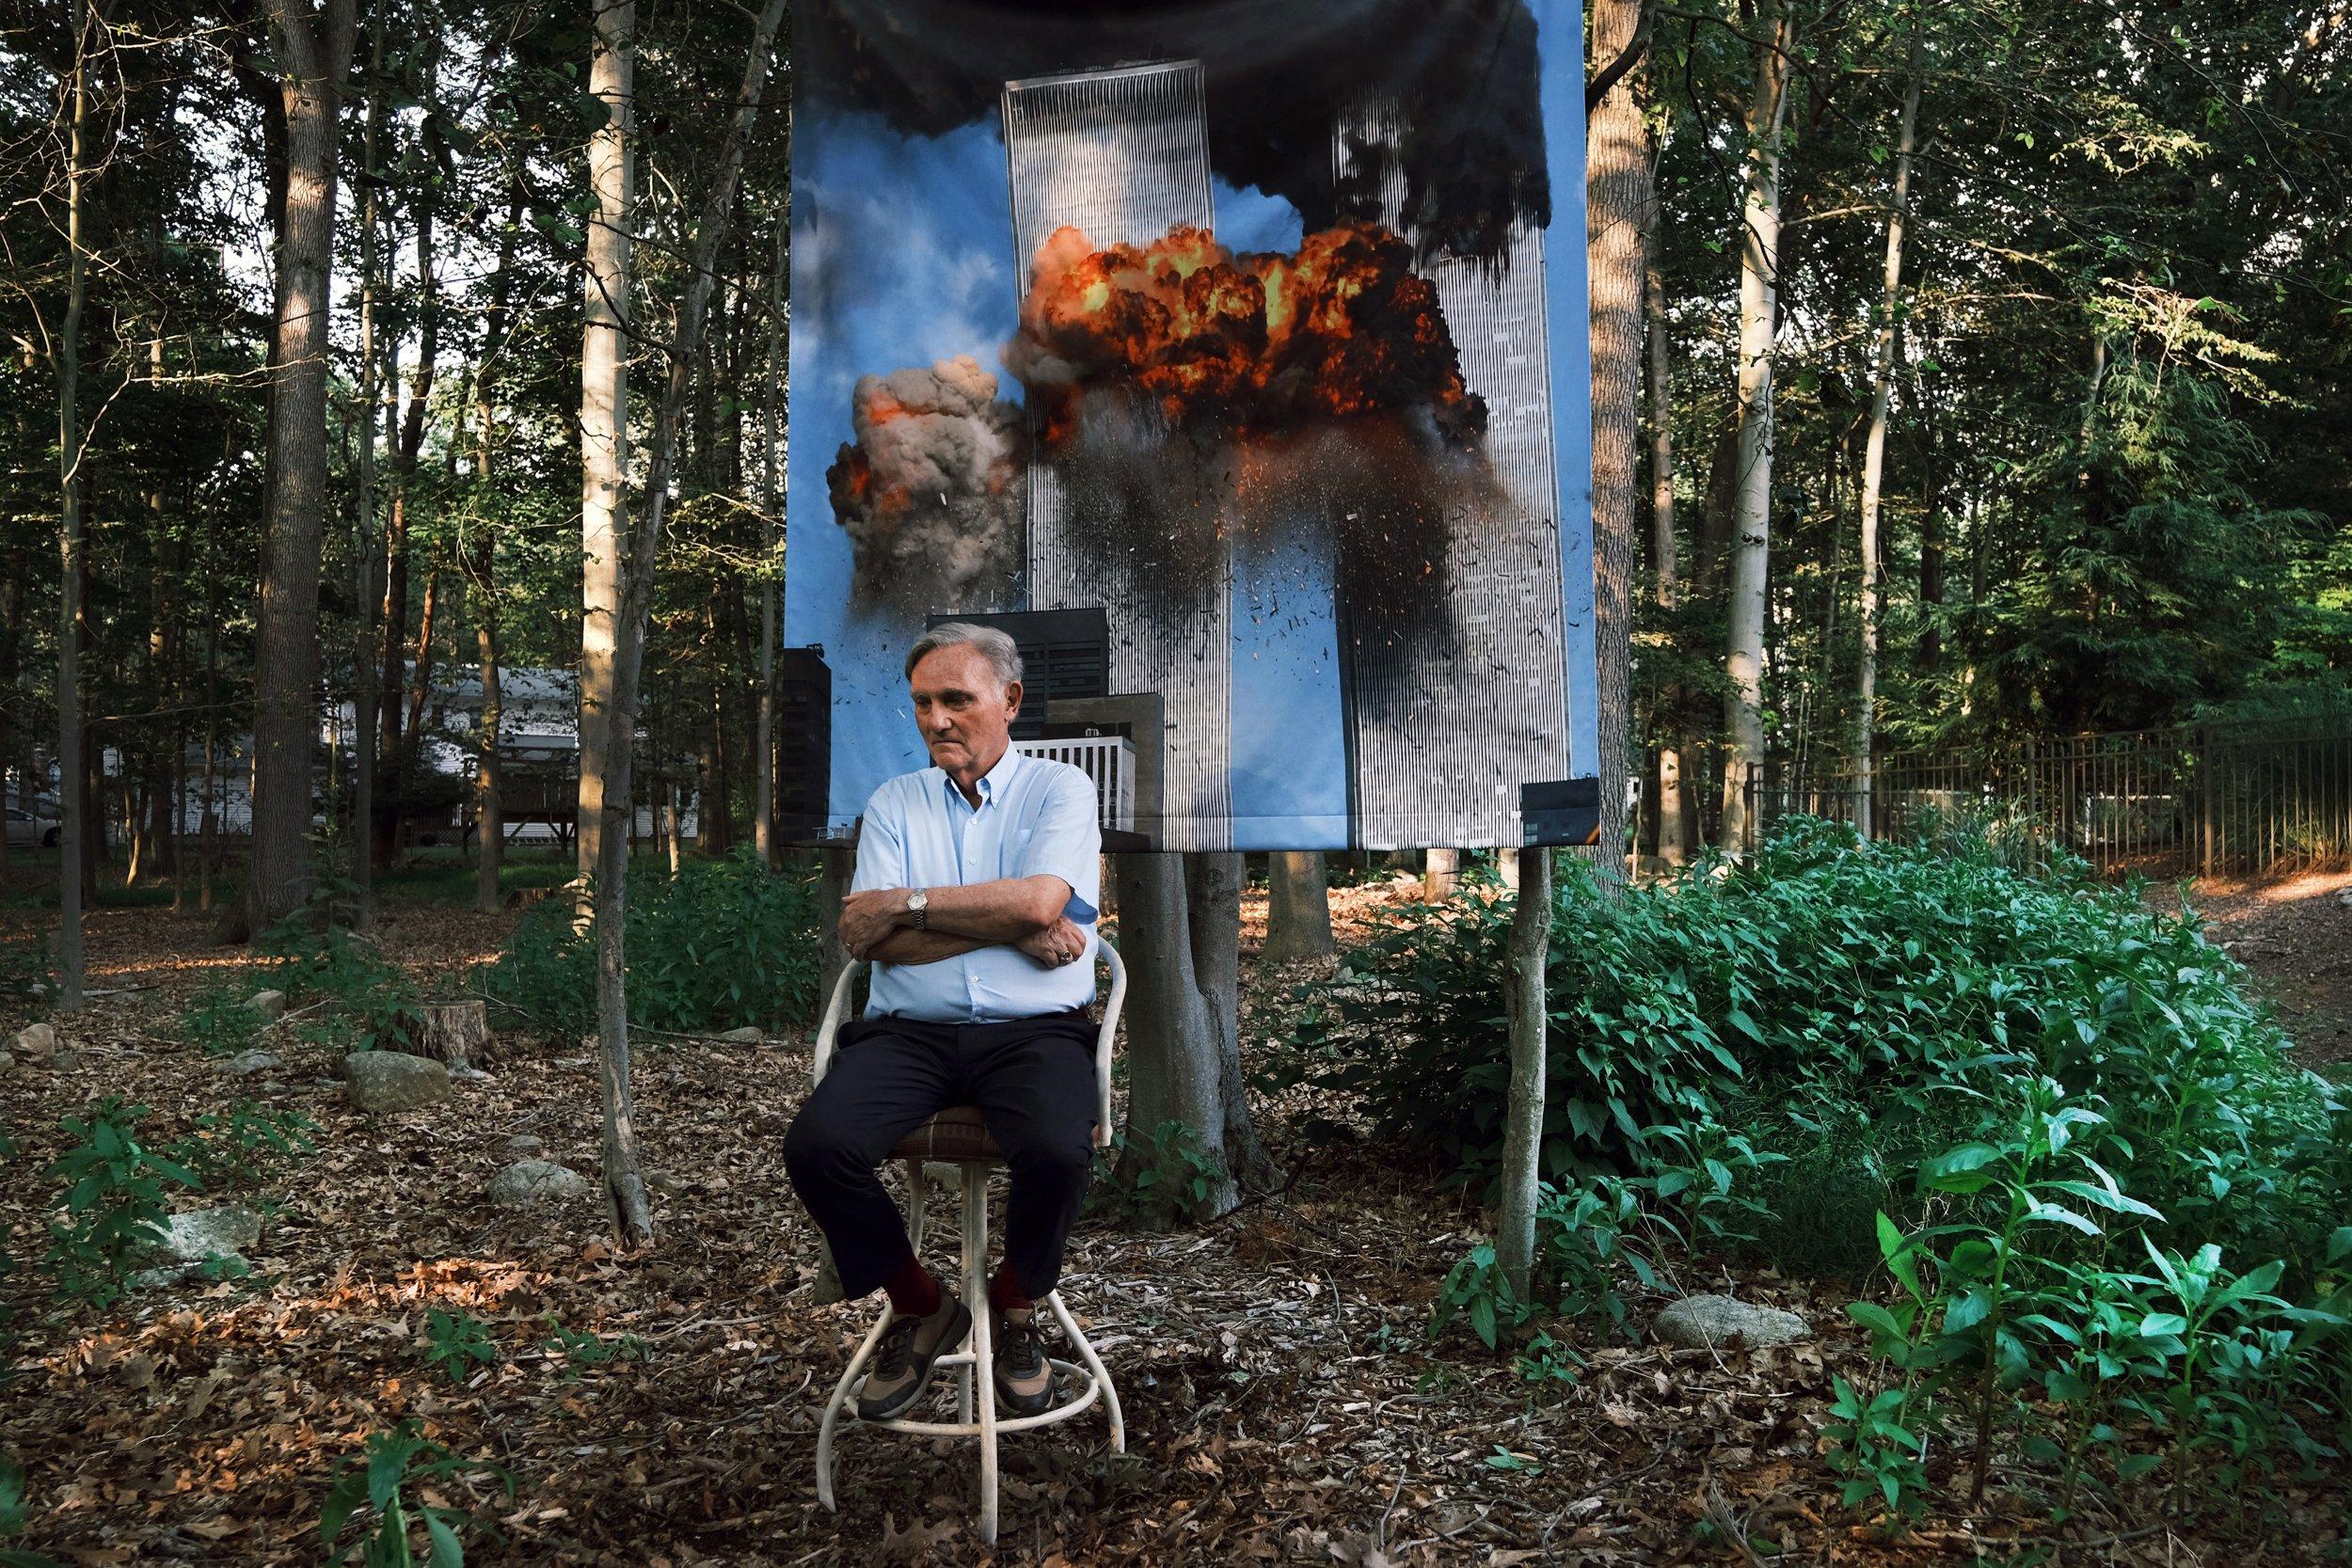 برایان کلارک (عکس توسط اسپنسر پلات/گتی ایماژ ؛ نقاشی دیواری: اسپنسر پلات/گتی ایماژ)